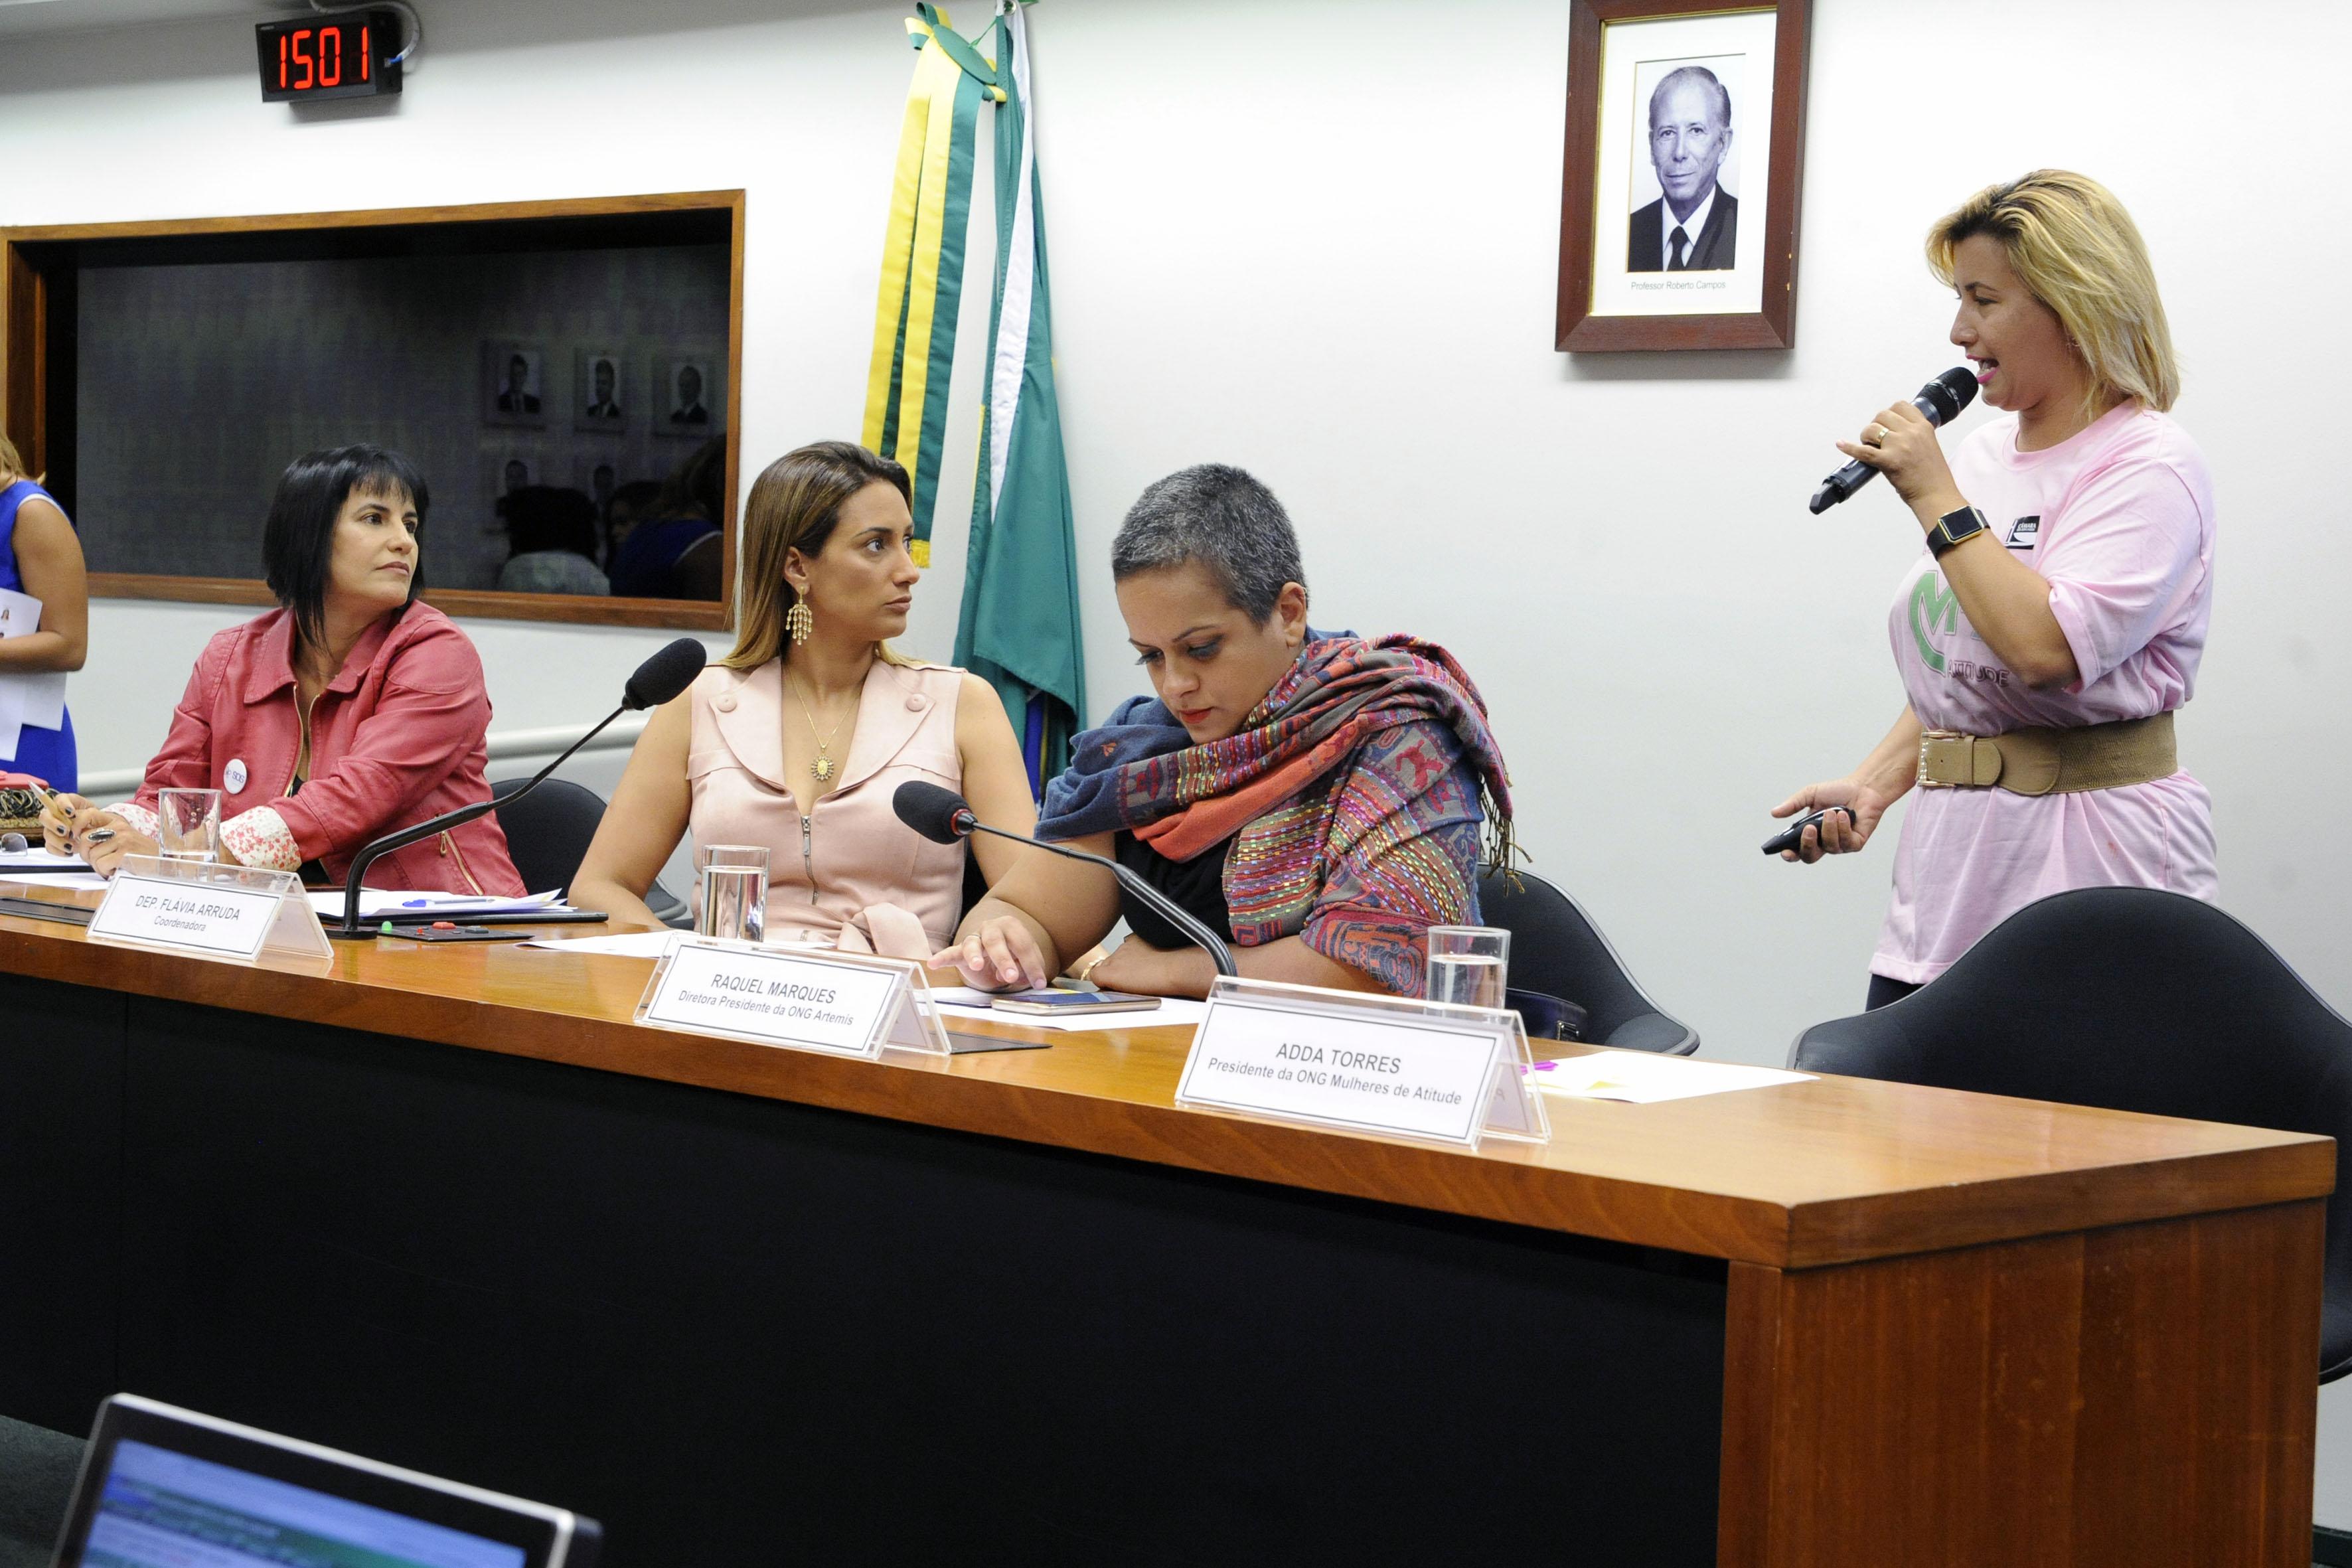 Audiência pública sobre as atuações no enfrentamento à violência contra as mulheres e feminicídio